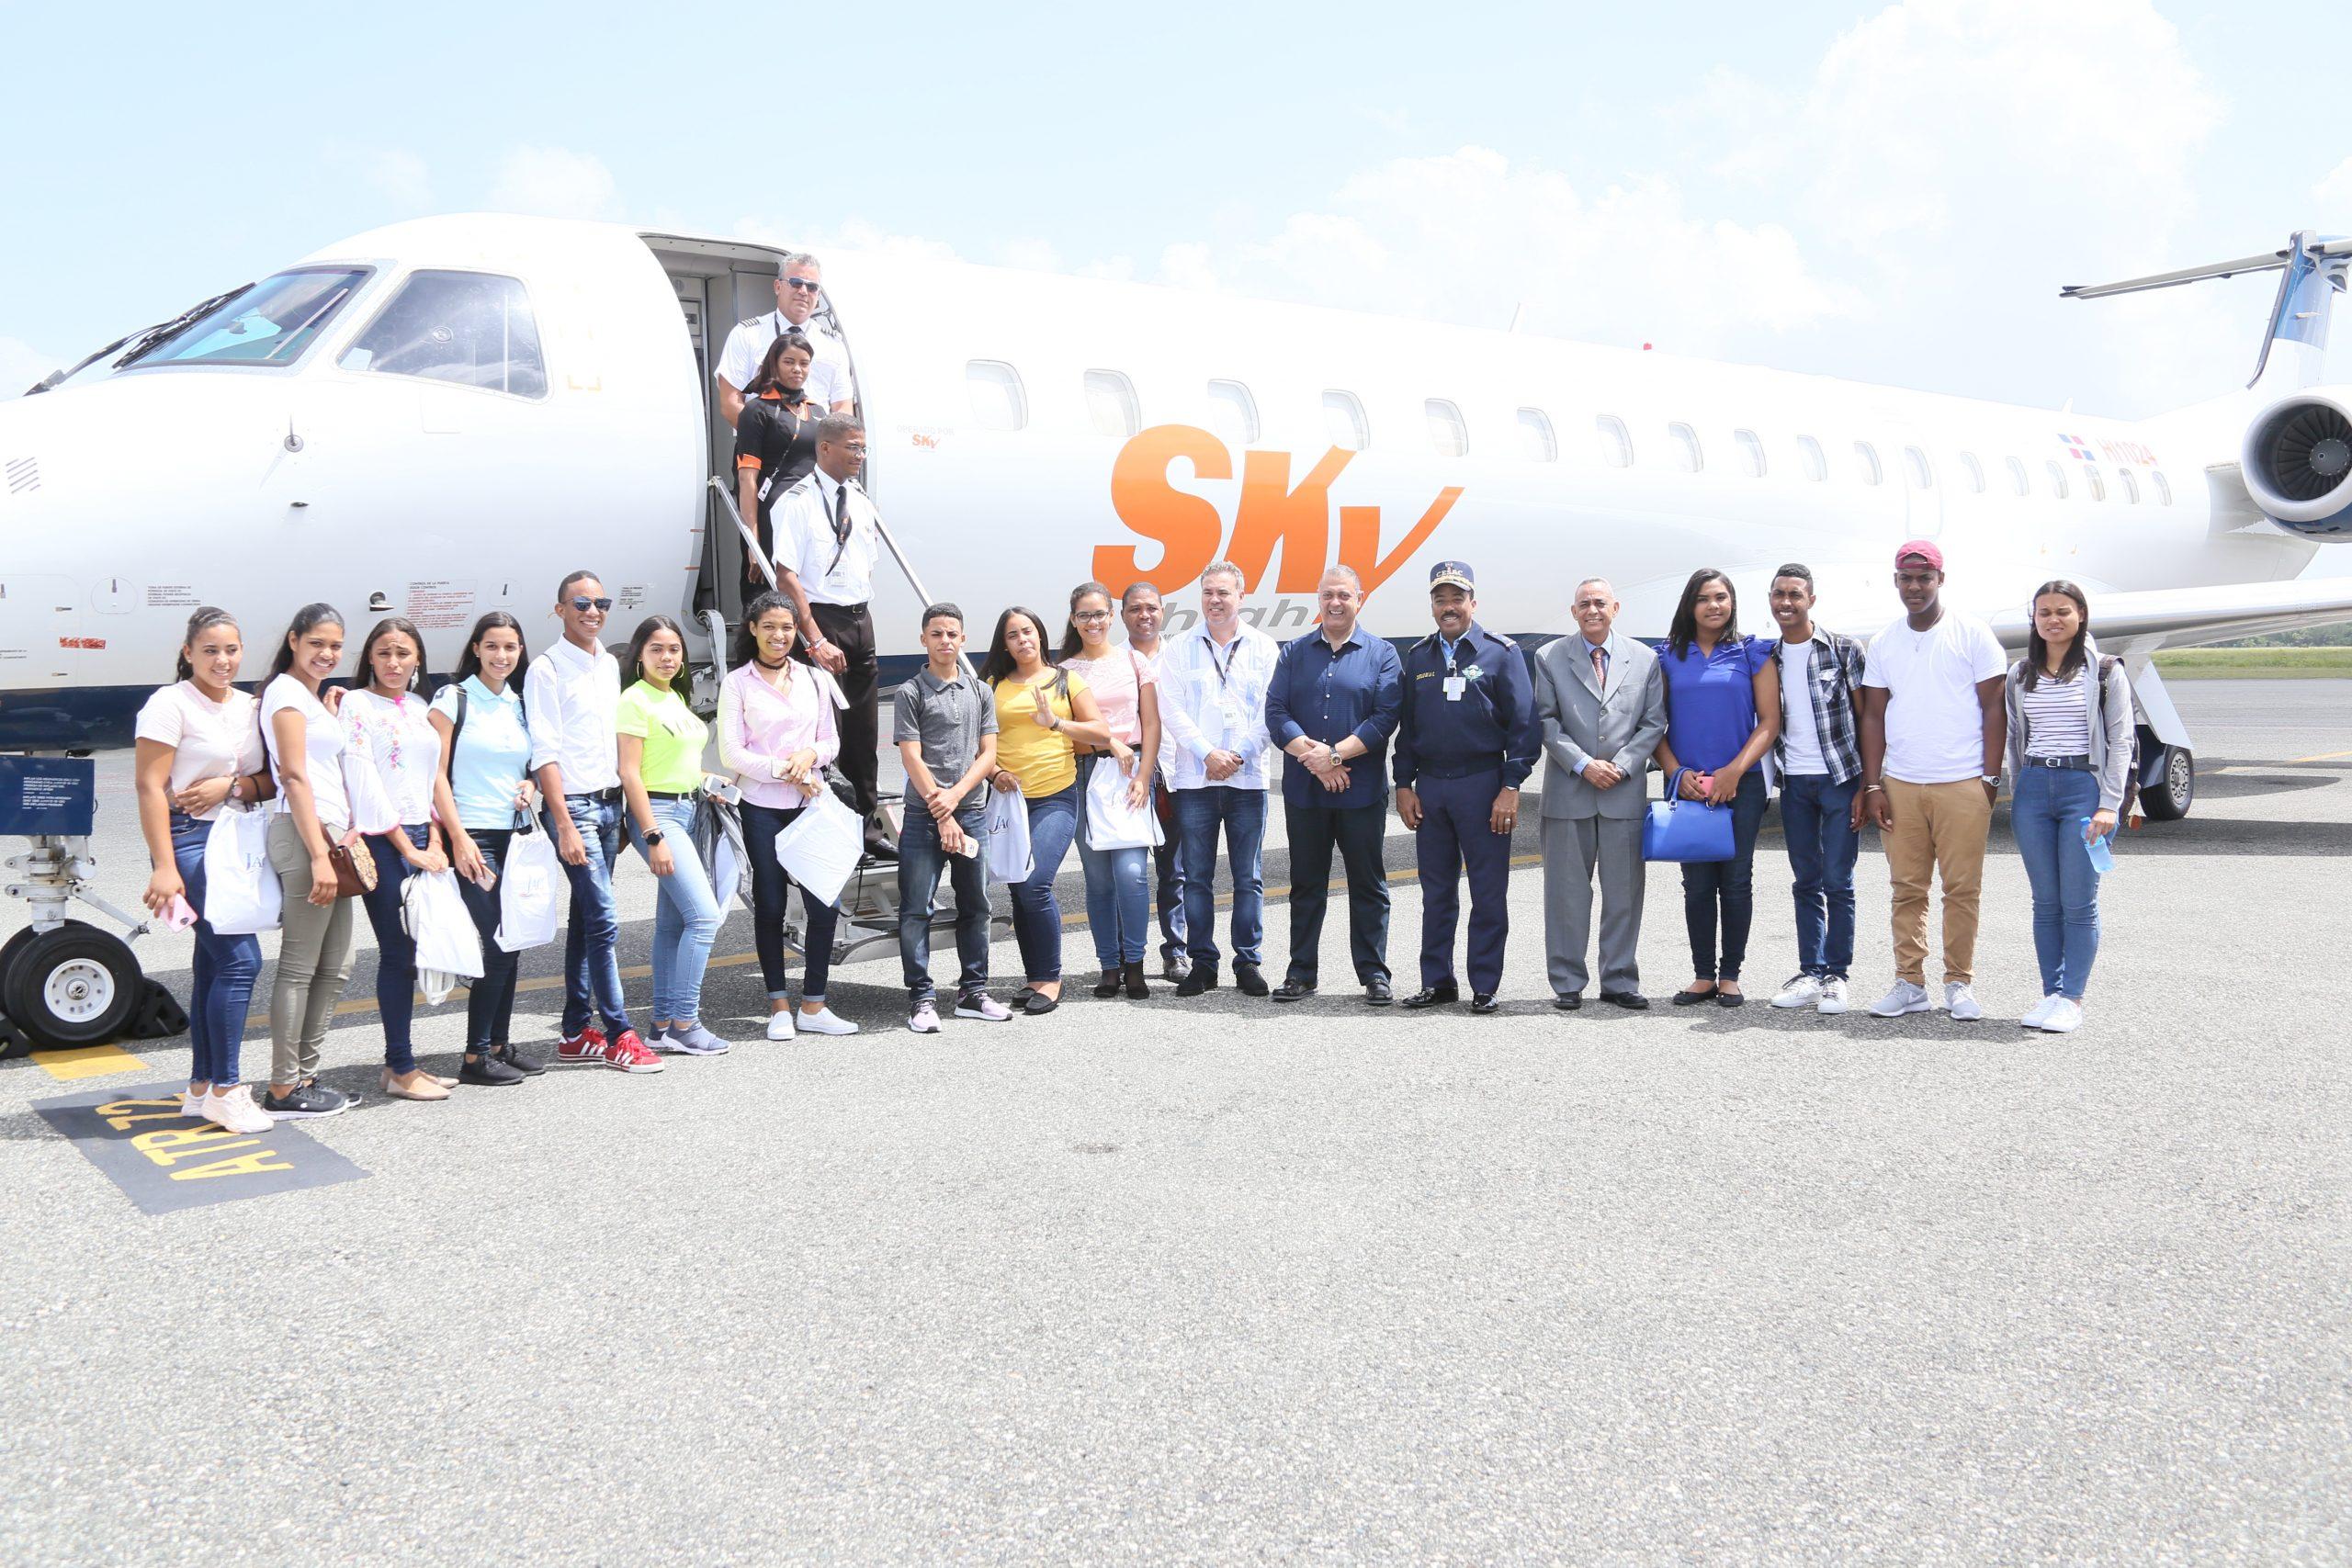 junta de aviación civil